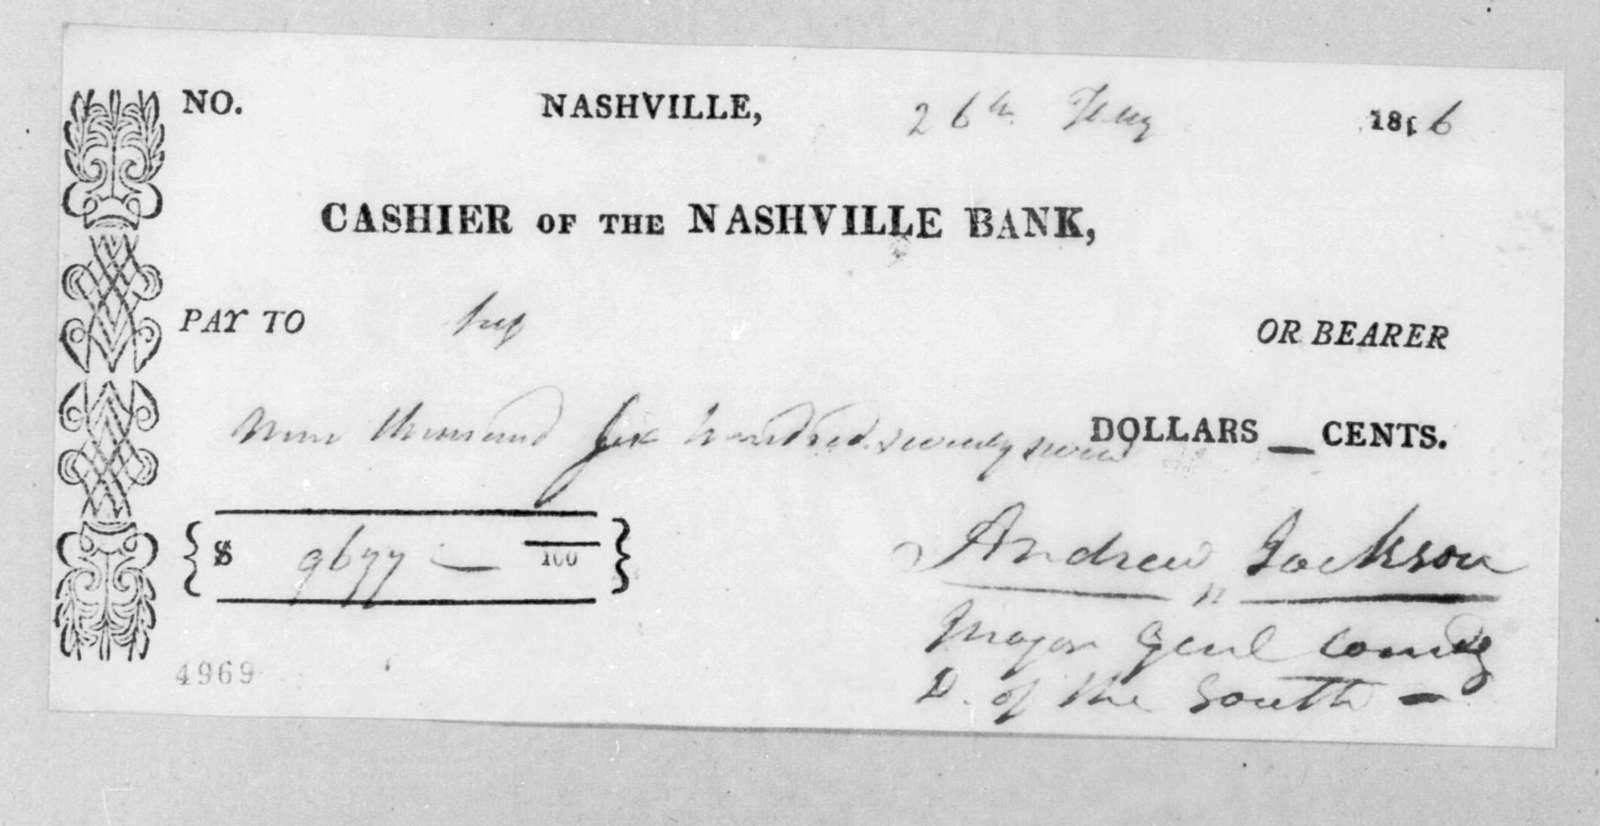 Andrew Jackson to Nashville Bank, February 26, 1816